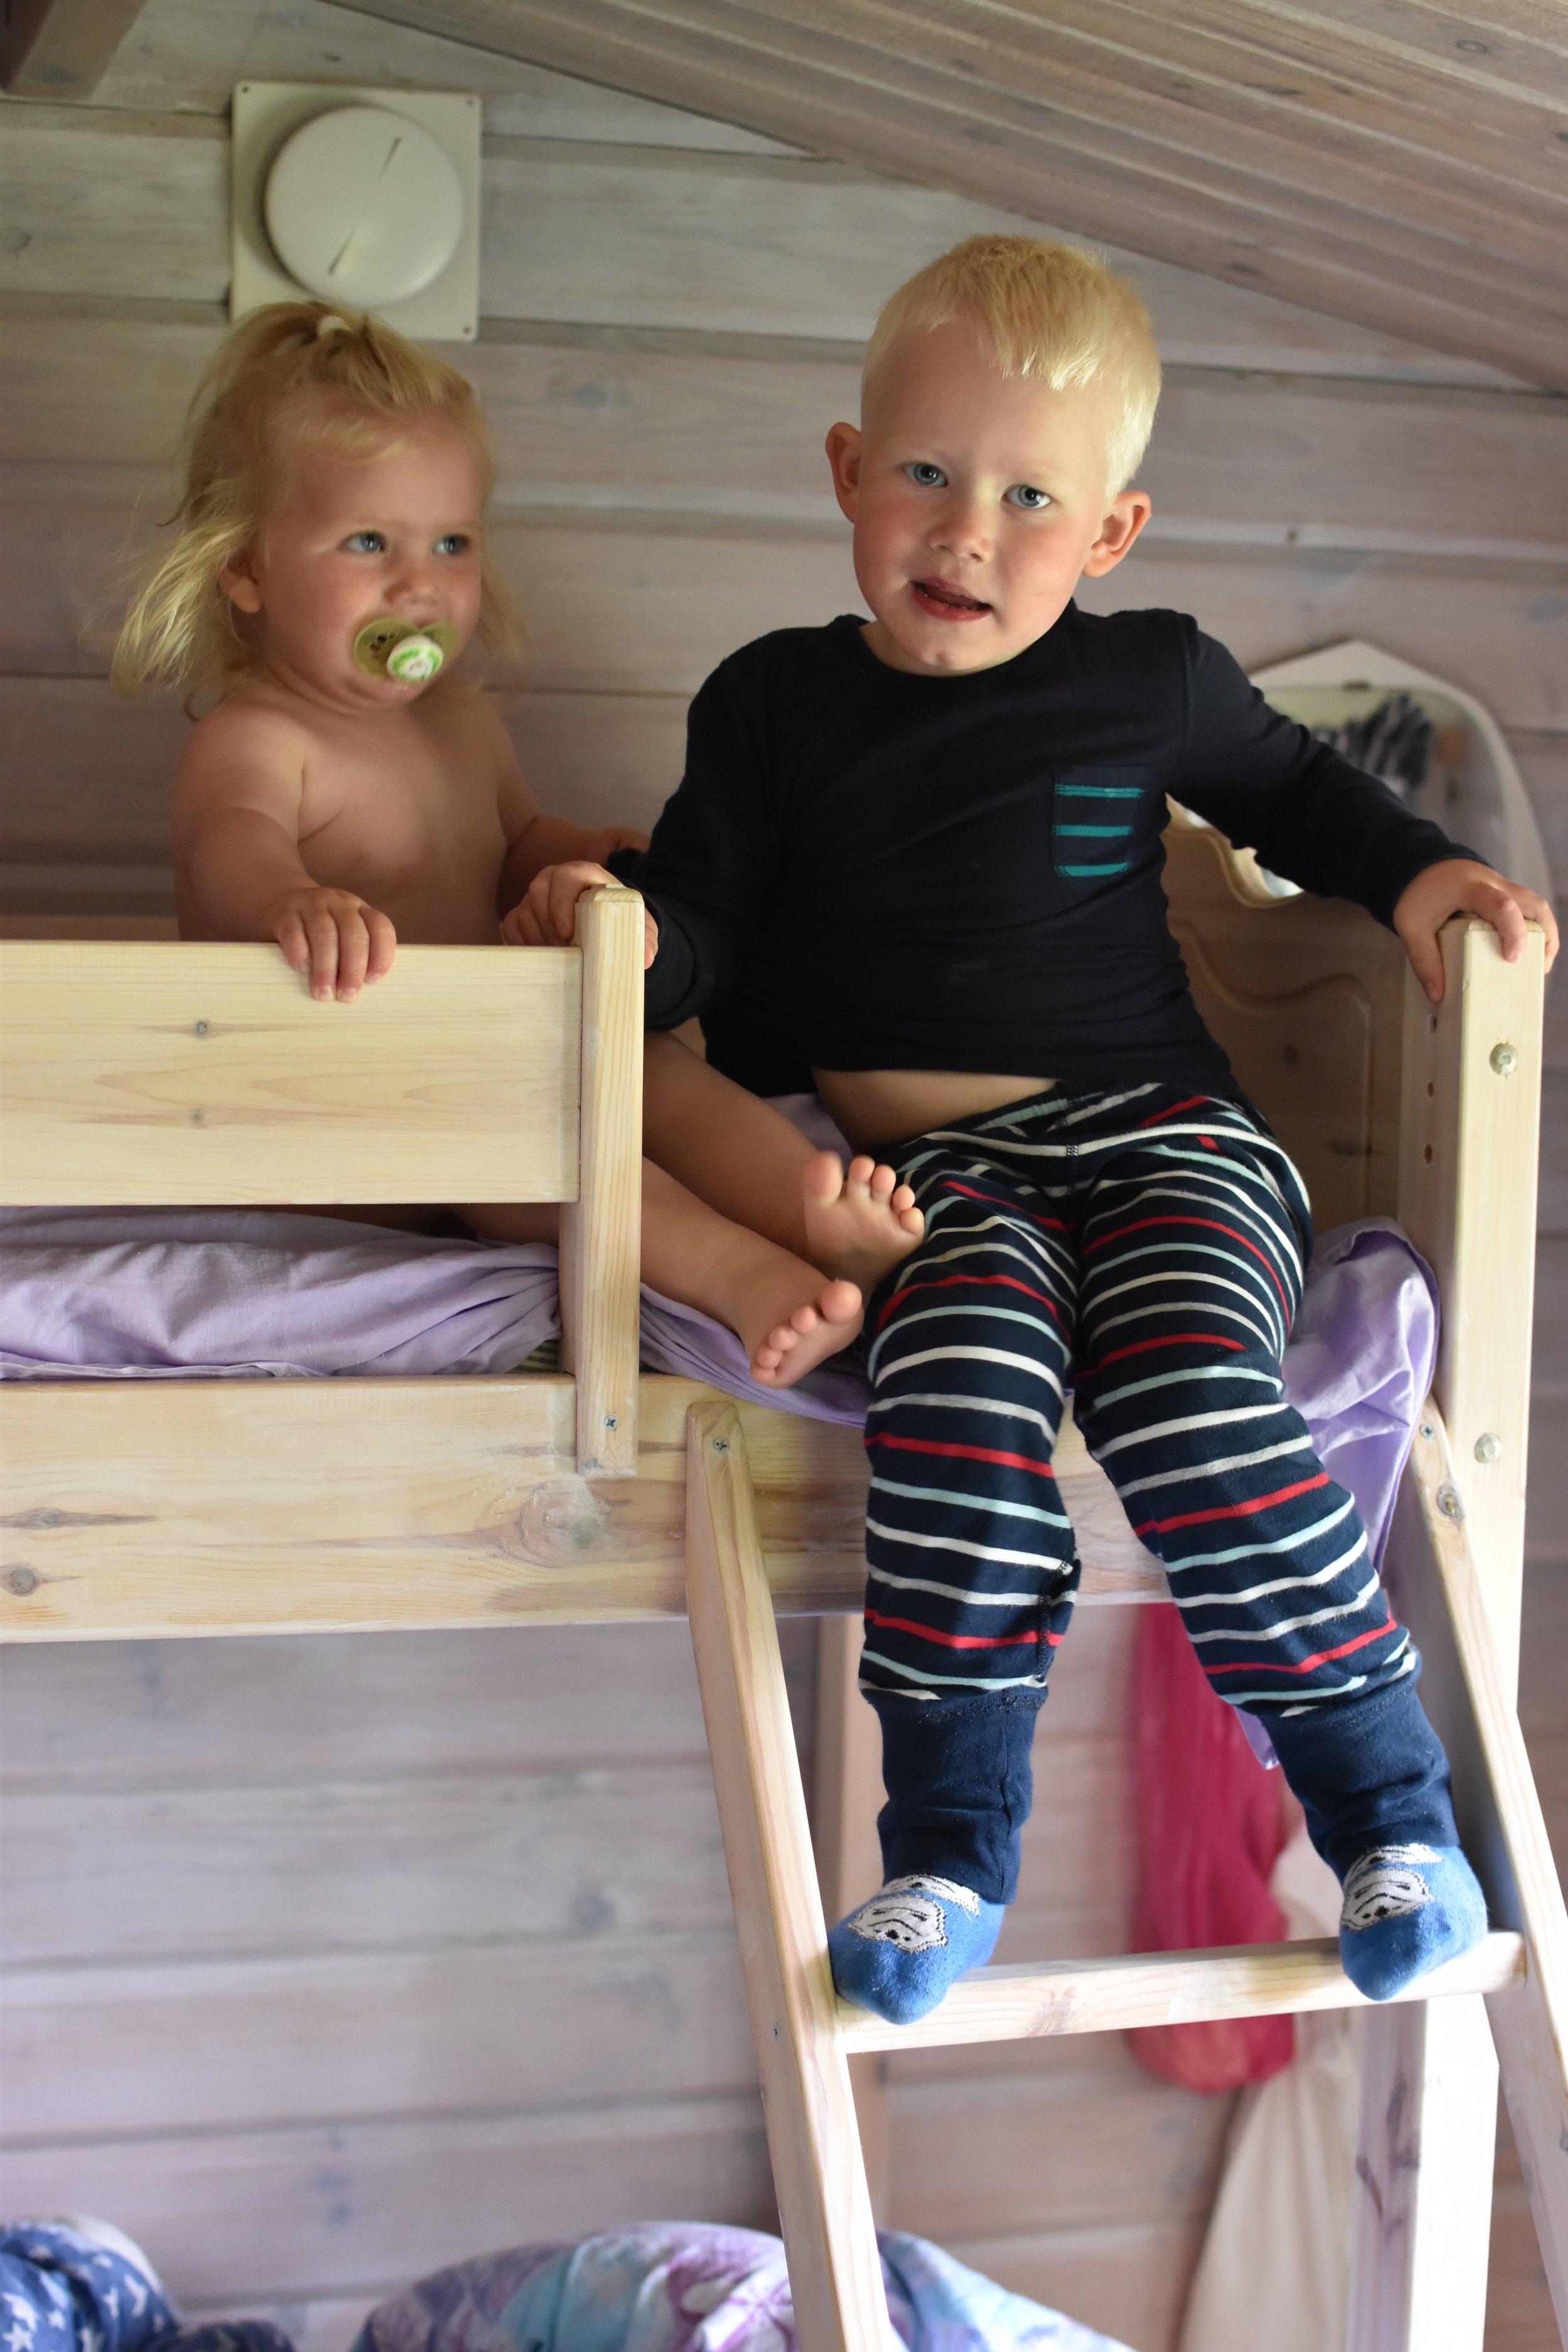 Samma pyjamas på Love, men i en annan stuga och på annan ort. Detta är från midsommar i sommarstugan i Borrbystrand på Österlen 2017